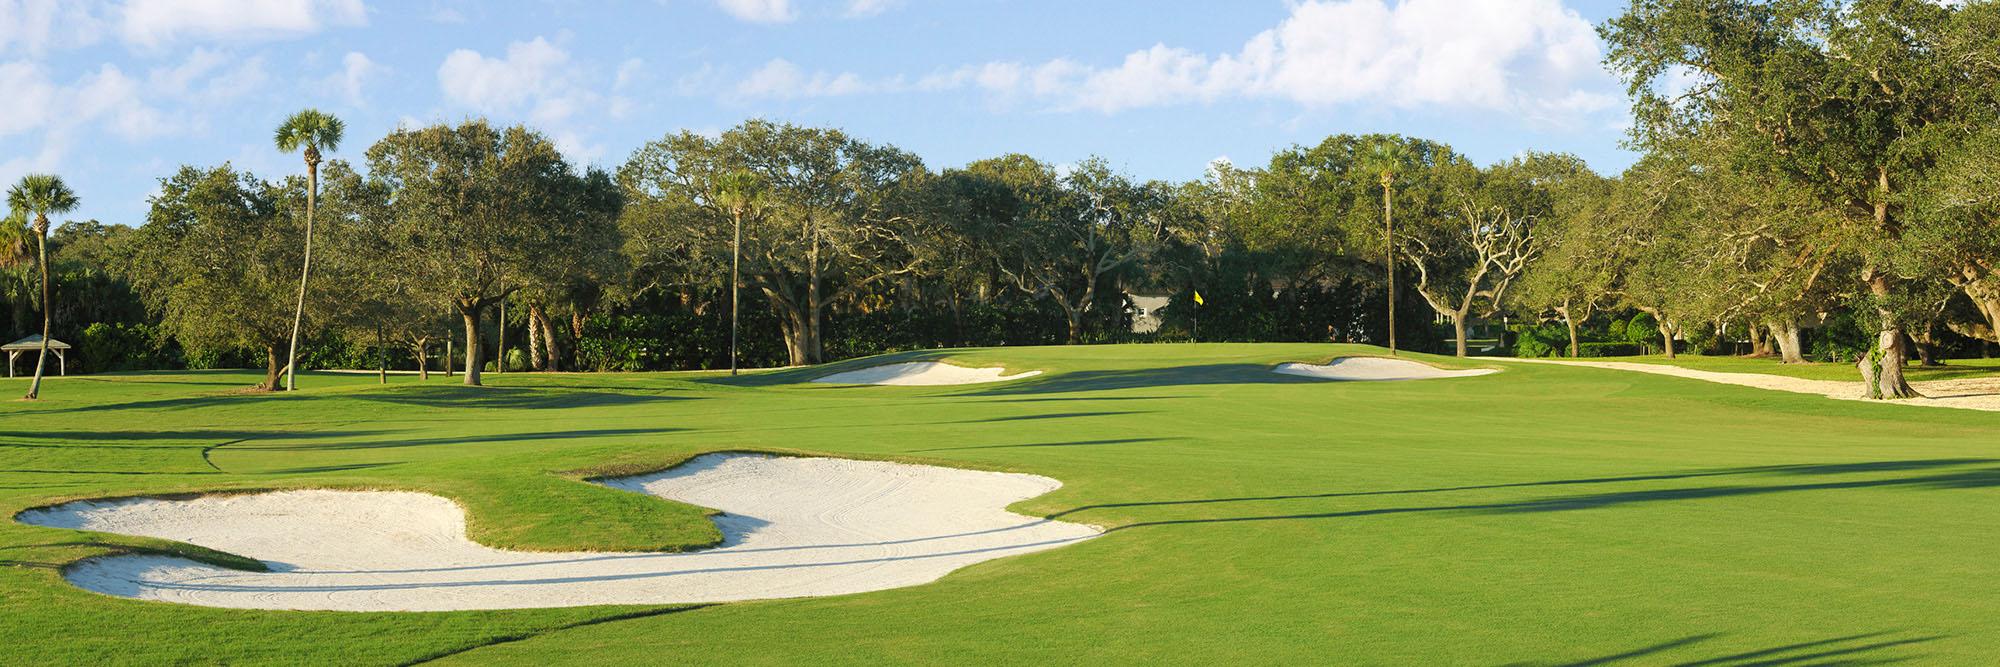 Golf Course Image - Riomar No. 18